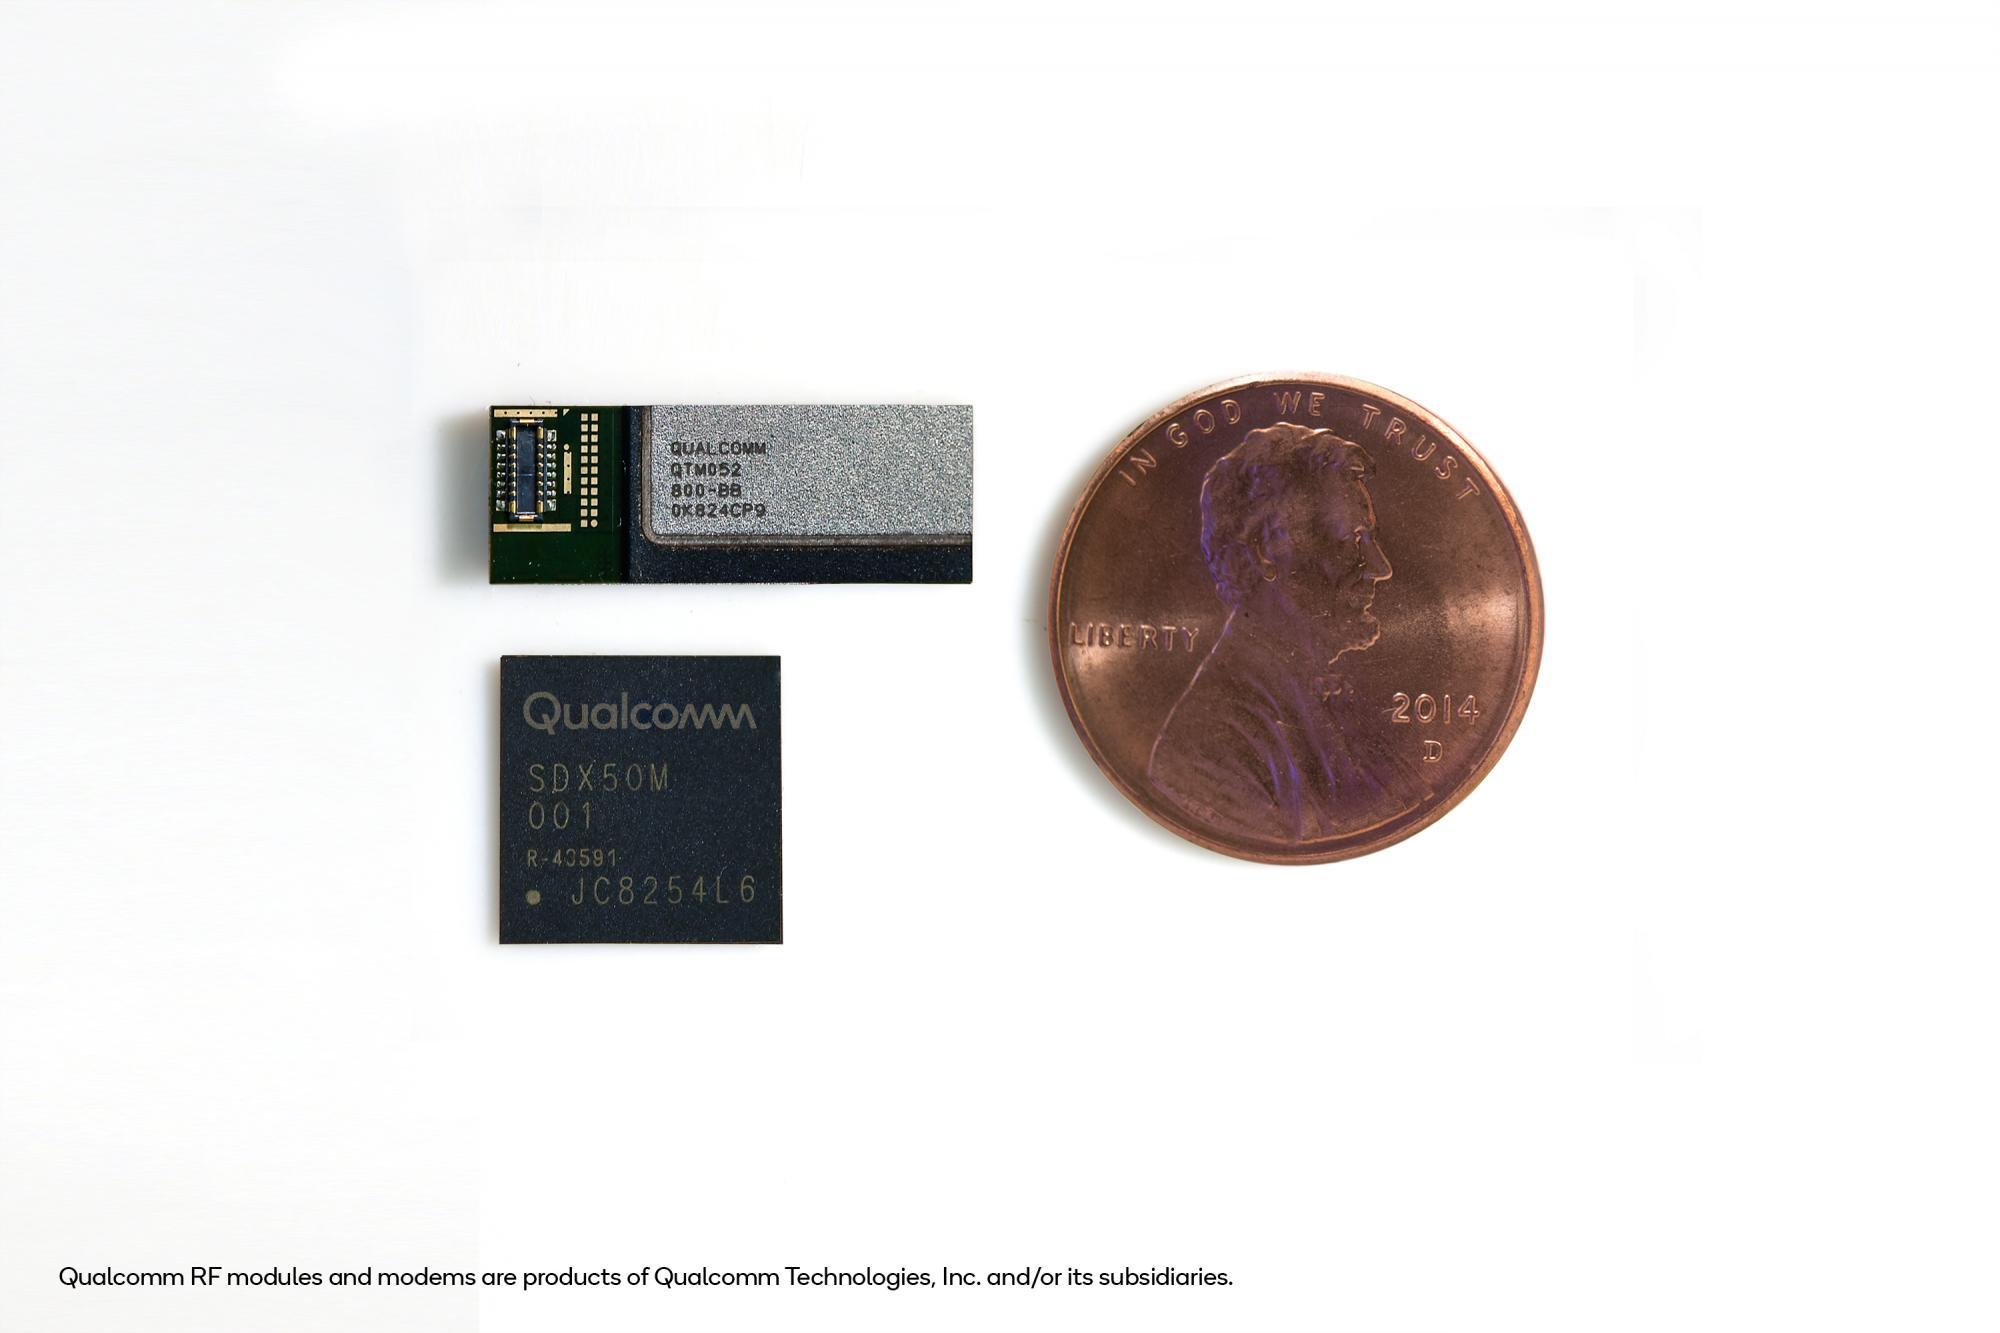 Vers l'indépendance hardware : Apple pourrait concevoir ses propres modems pour iPhone